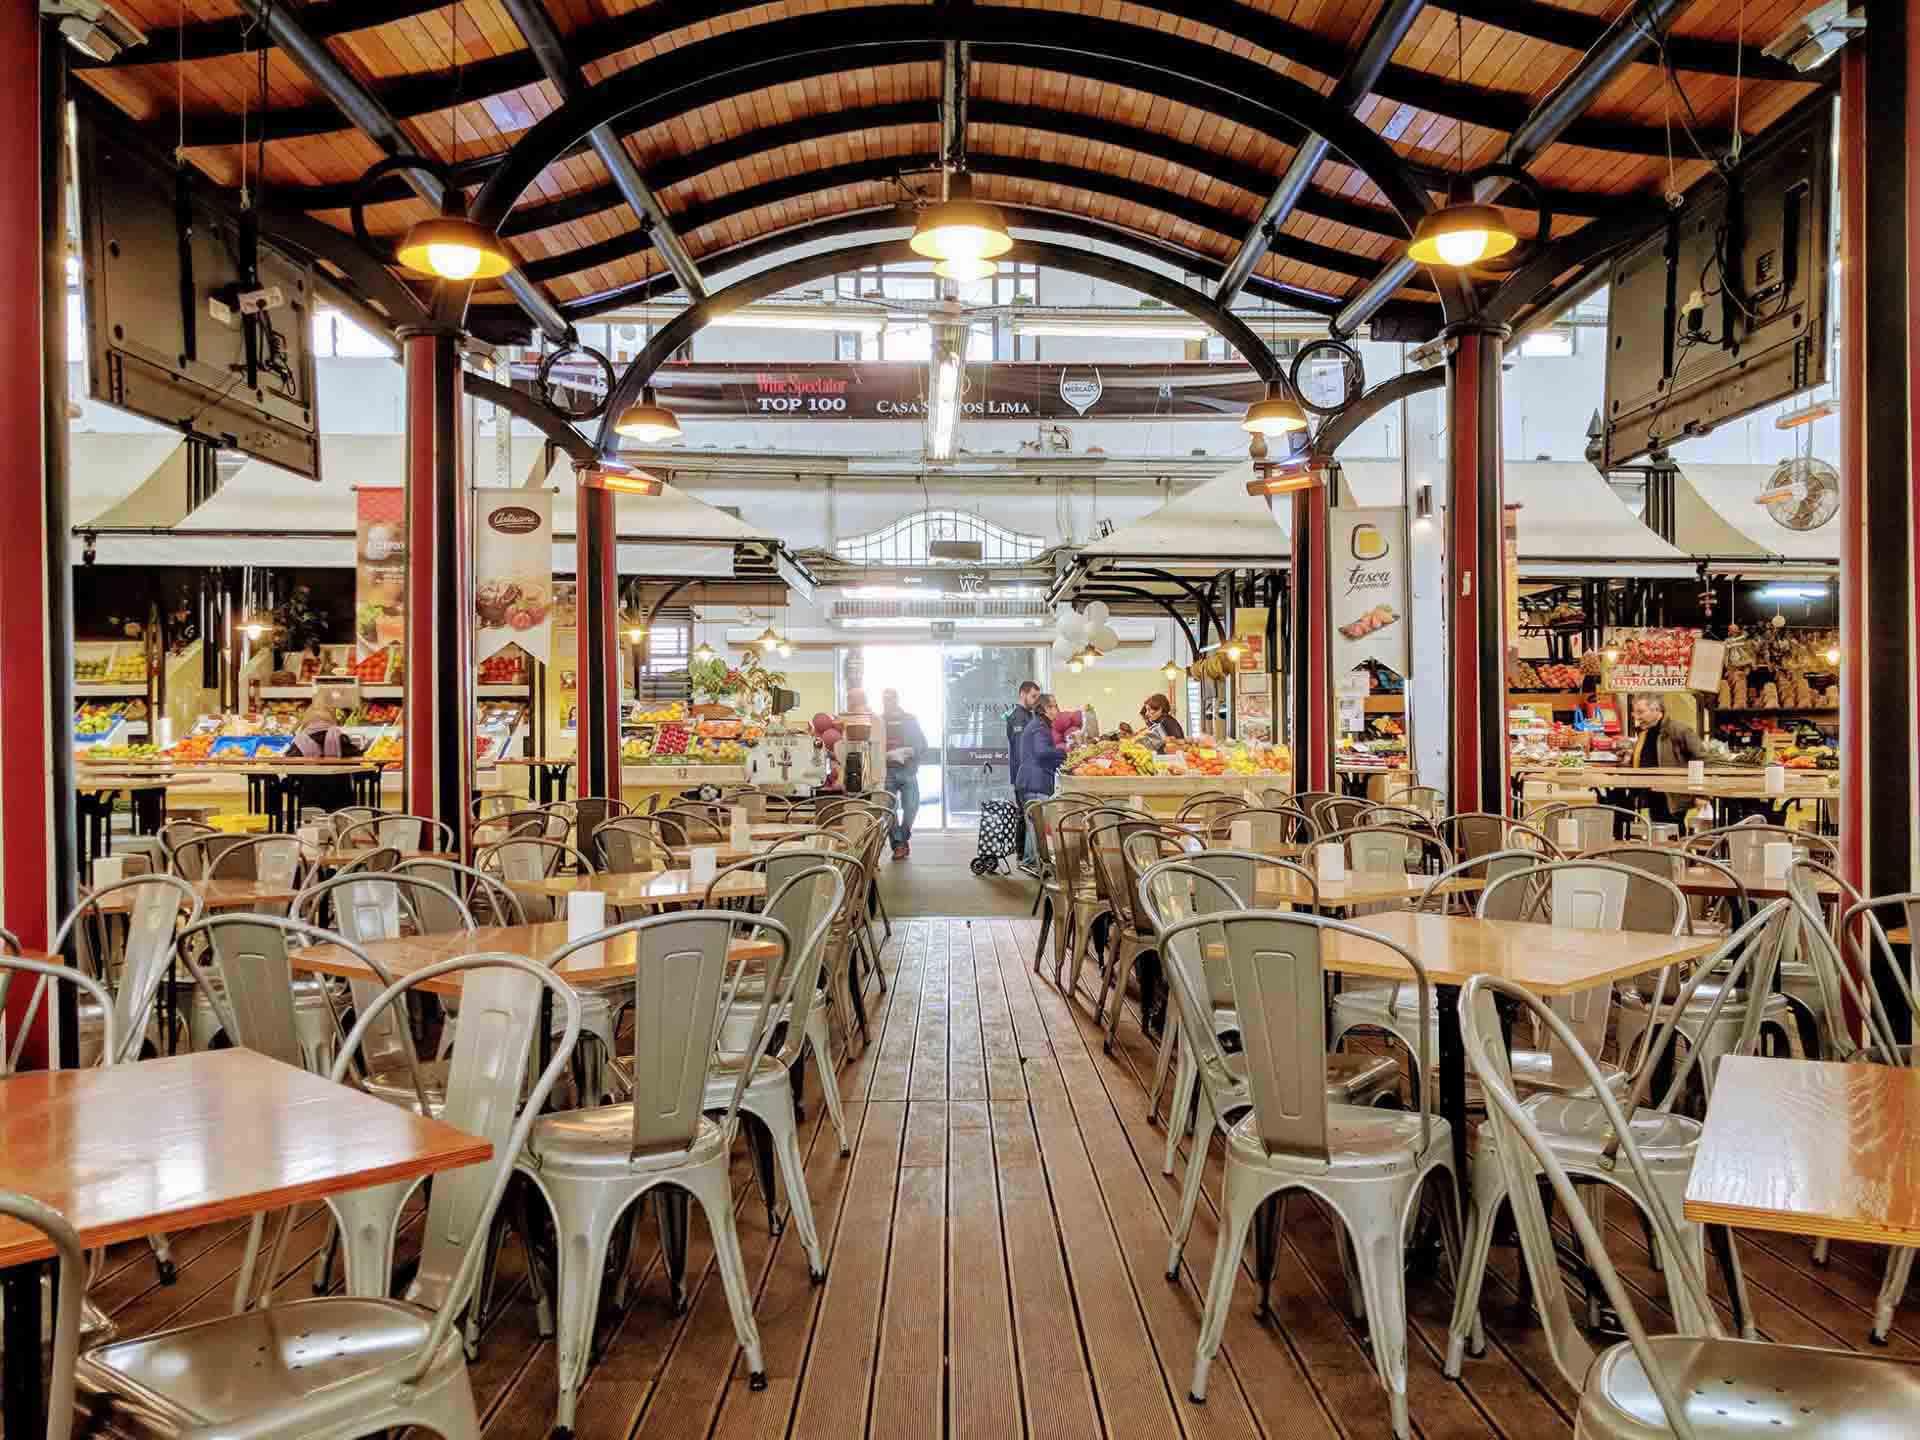 Sitting in the café area of Mercado Campo Ourique